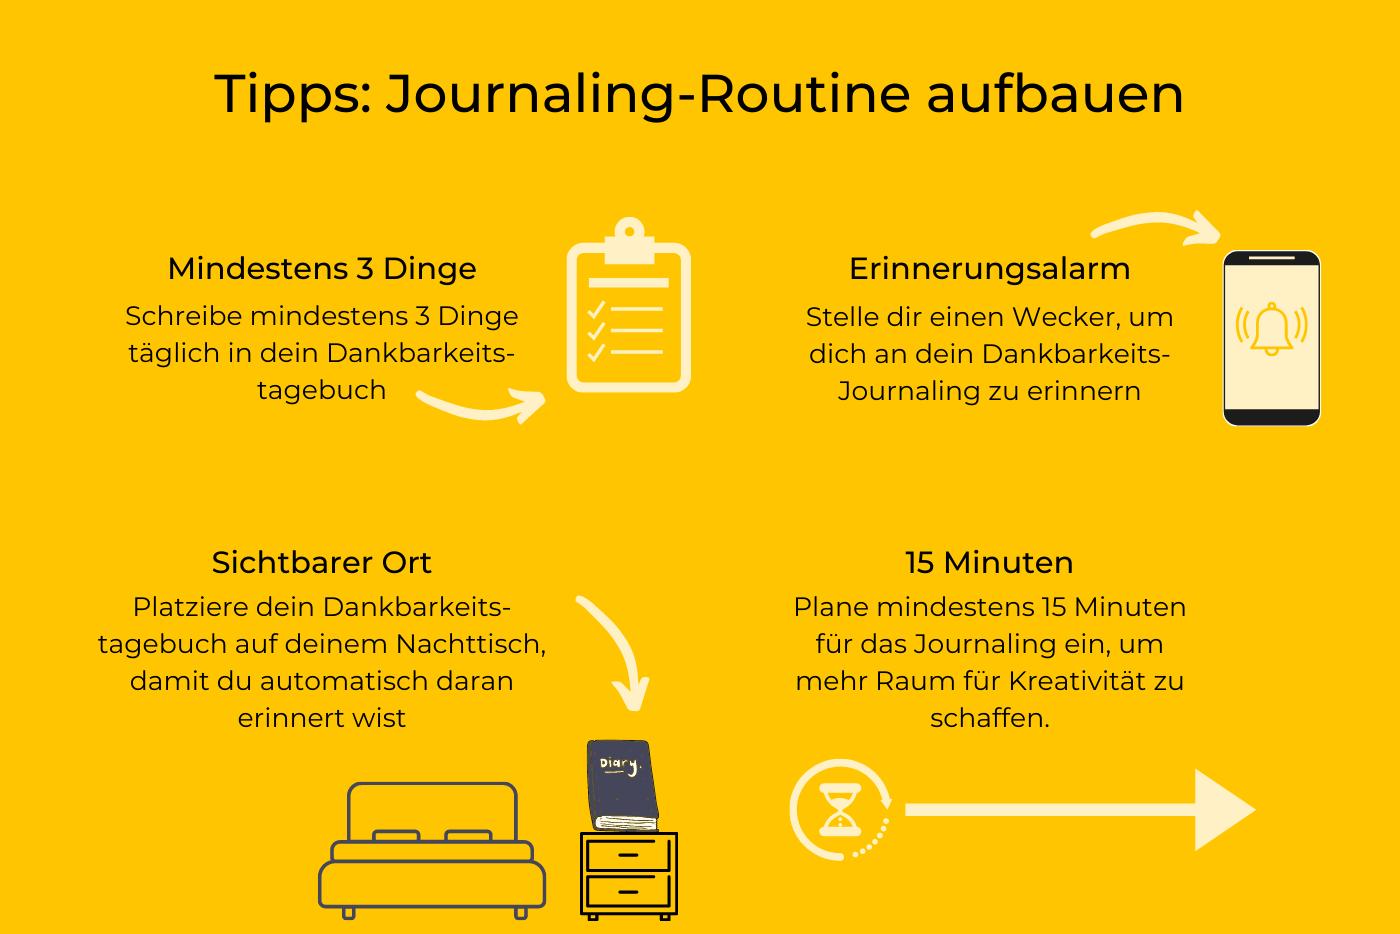 Tipps für Dankbarkeitsjournaling